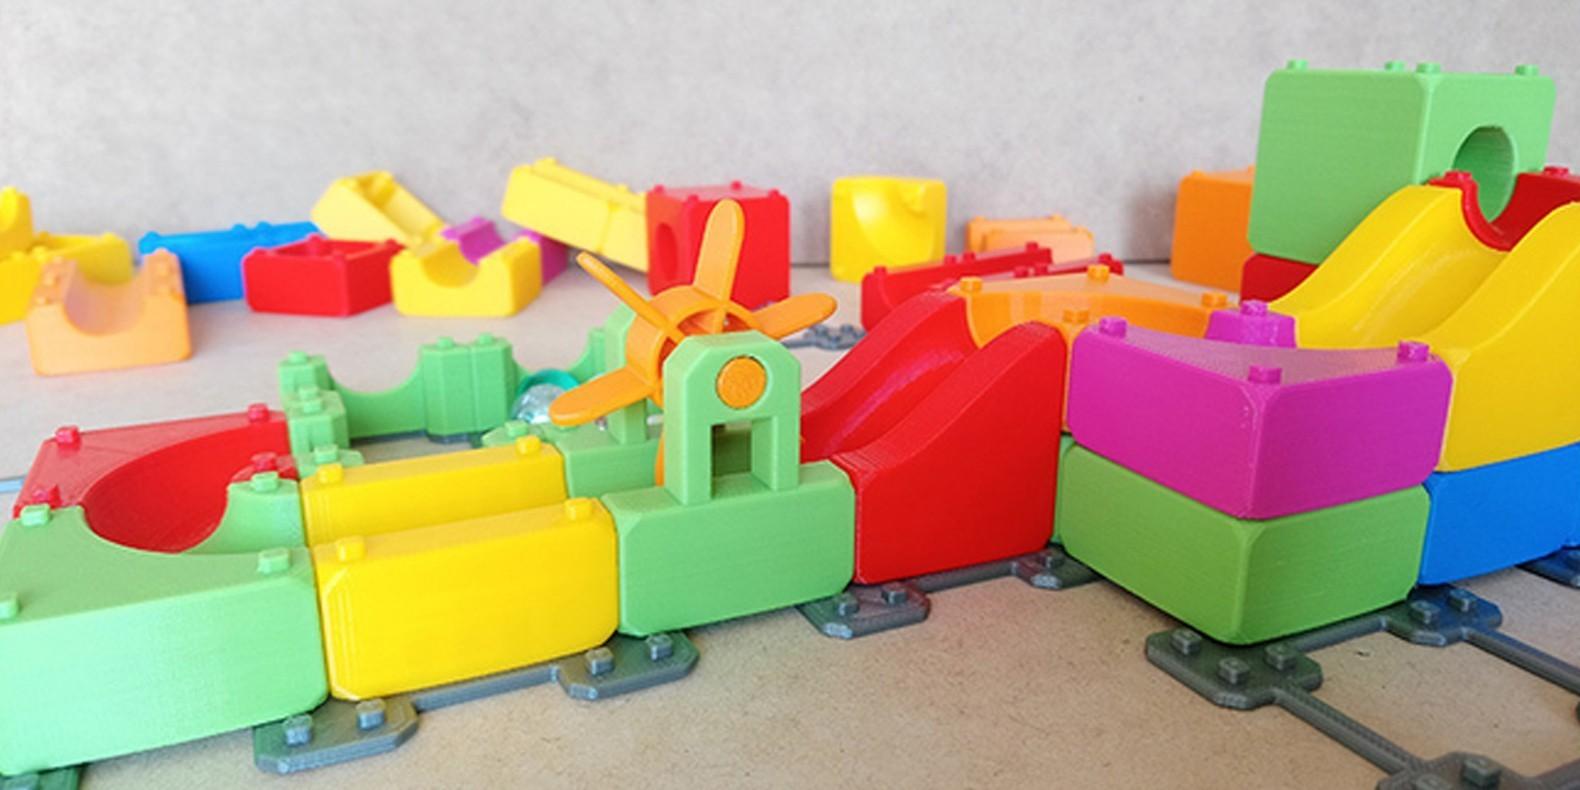 Découvrez dans cette nouvelle collection de modèles 3D tous les fichiers 3D pour imprimantes 3D liés aux machines de rube goldberg